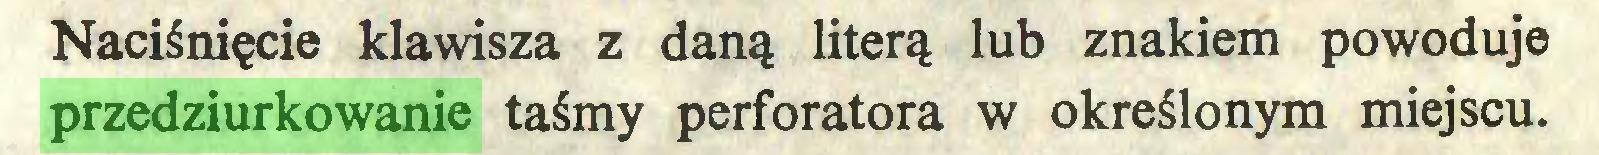 (...) Naciśnięcie klawisza z daną literą lub znakiem powoduje przedziurkowanie taśmy perforatora w określonym miejscu...